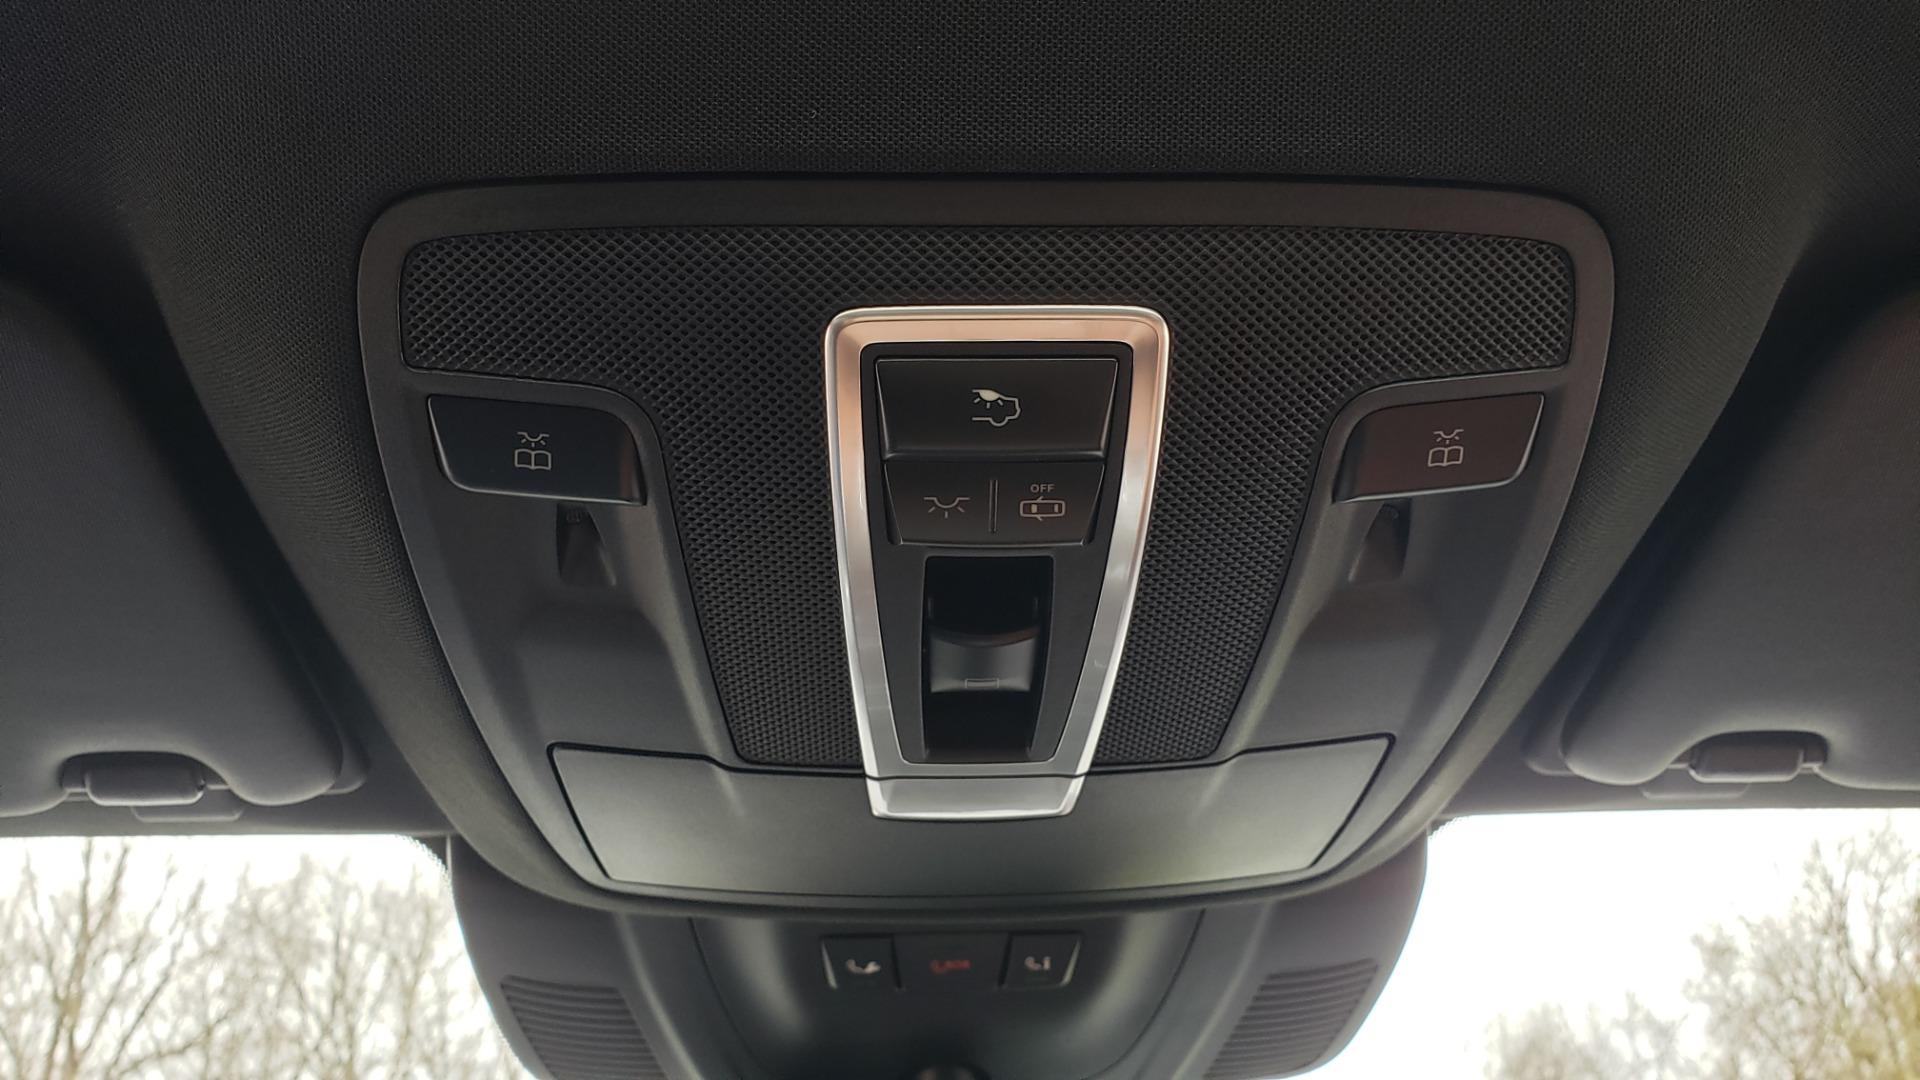 Used 2016 Mercedes-Benz GLE 450 AMG / AWD / PREM PKG / PARK ASST / DRVR ASST / SUNROOF for sale Sold at Formula Imports in Charlotte NC 28227 60